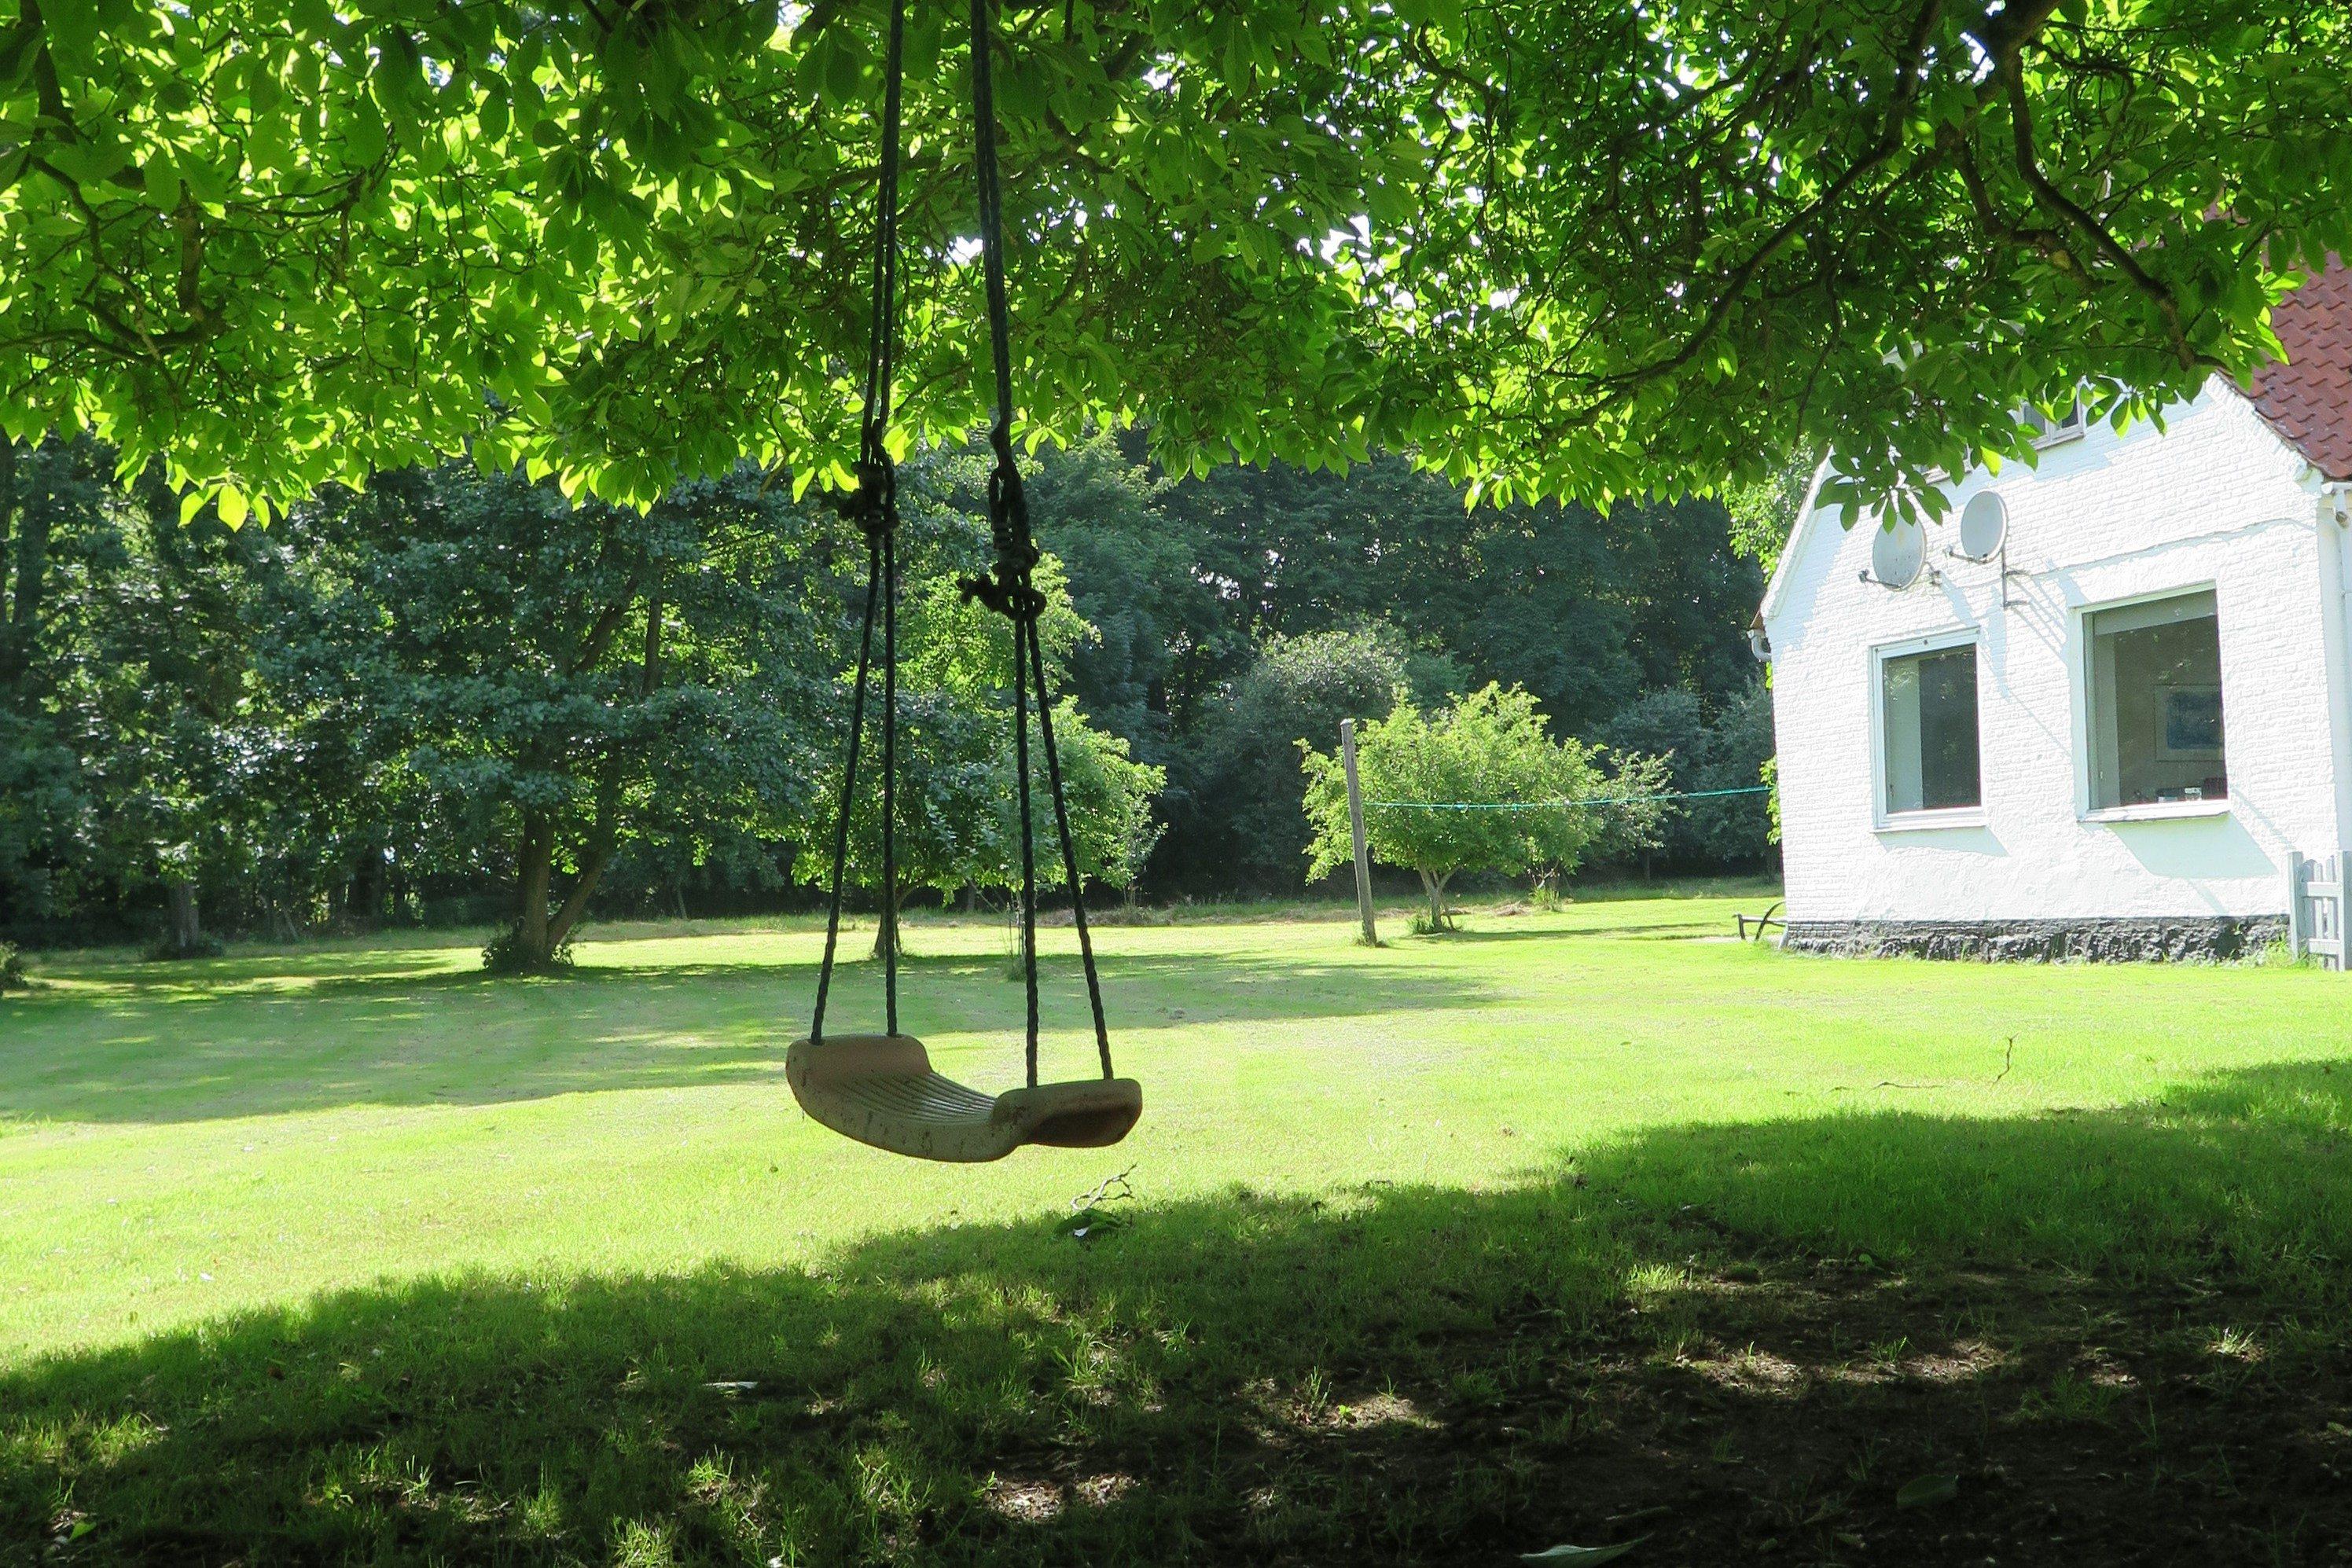 ブランコ・ロープ・庭